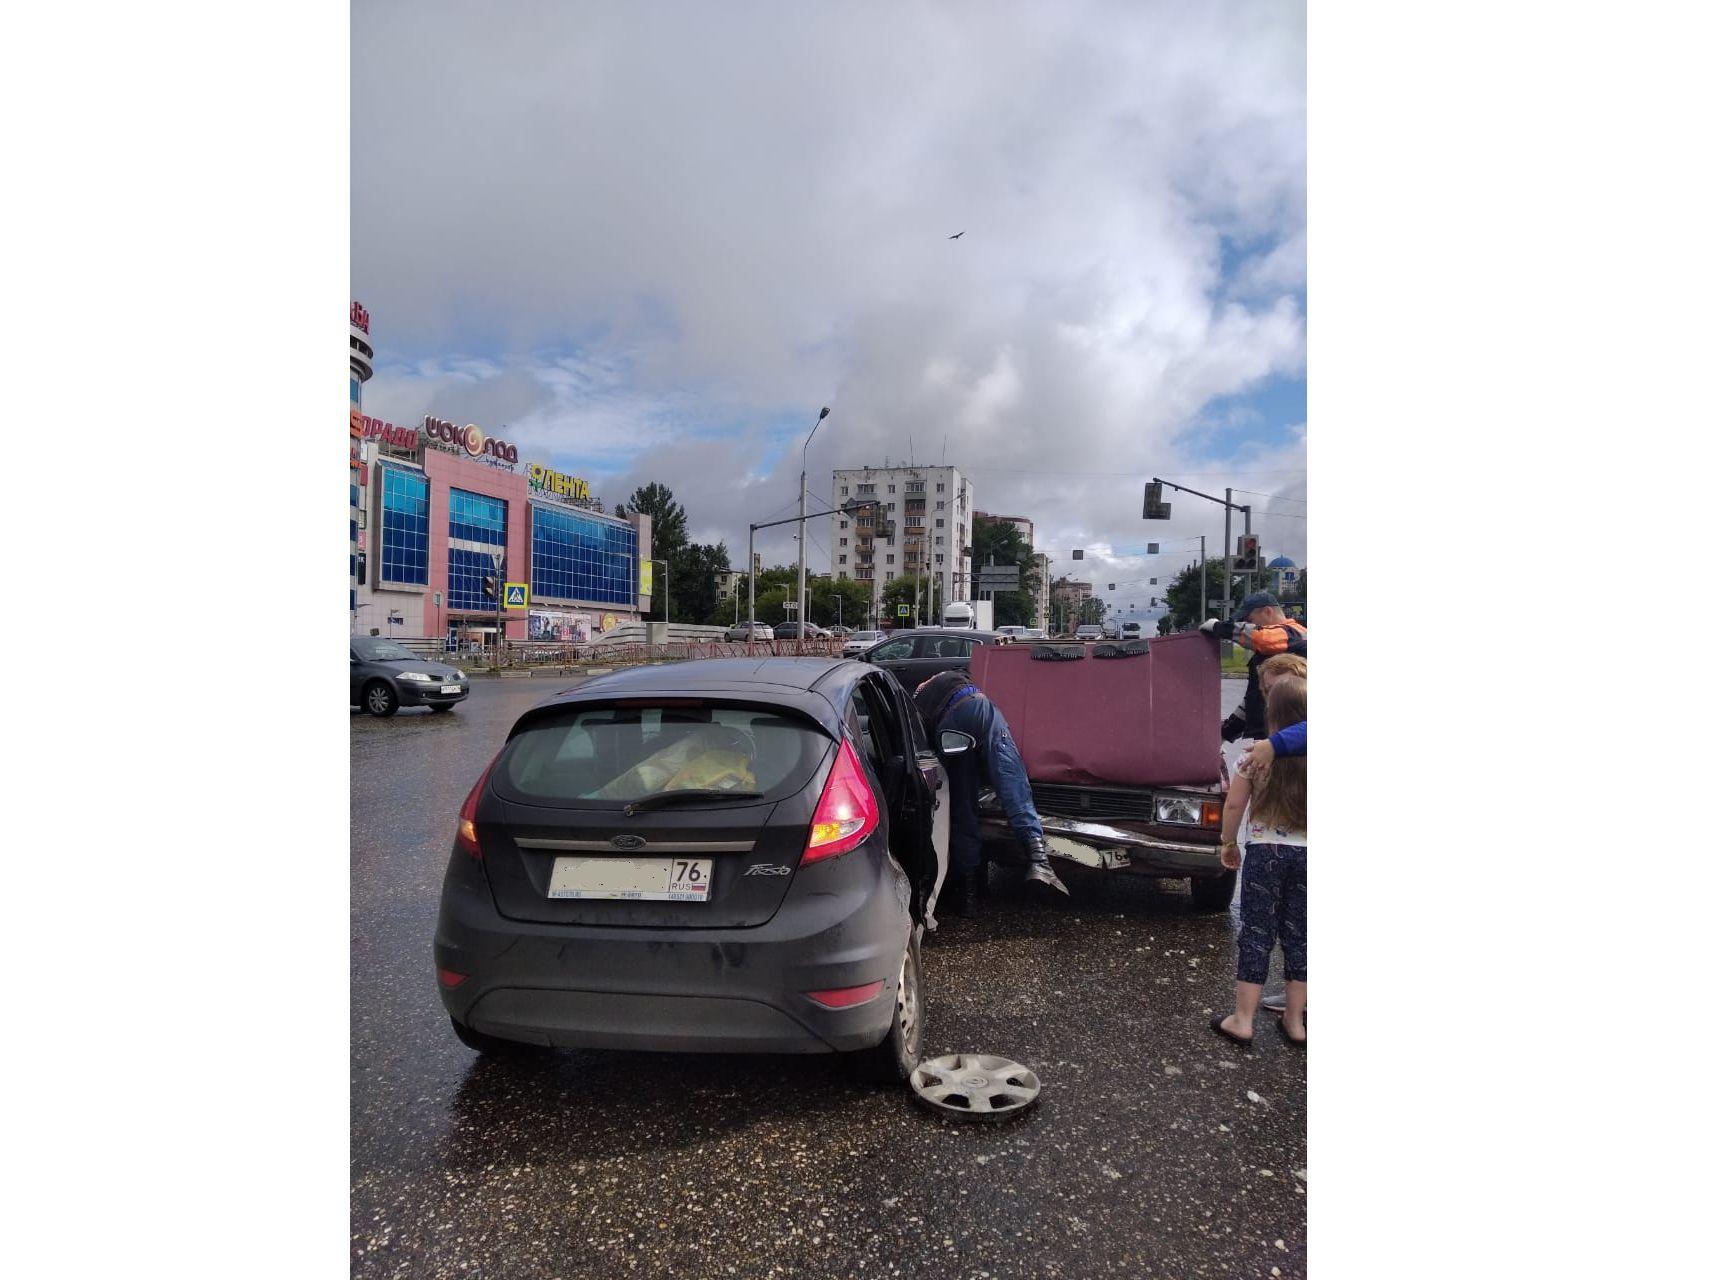 При столкновении легковых автомобилей на Московском проспекте в Ярославле пострадала девочка